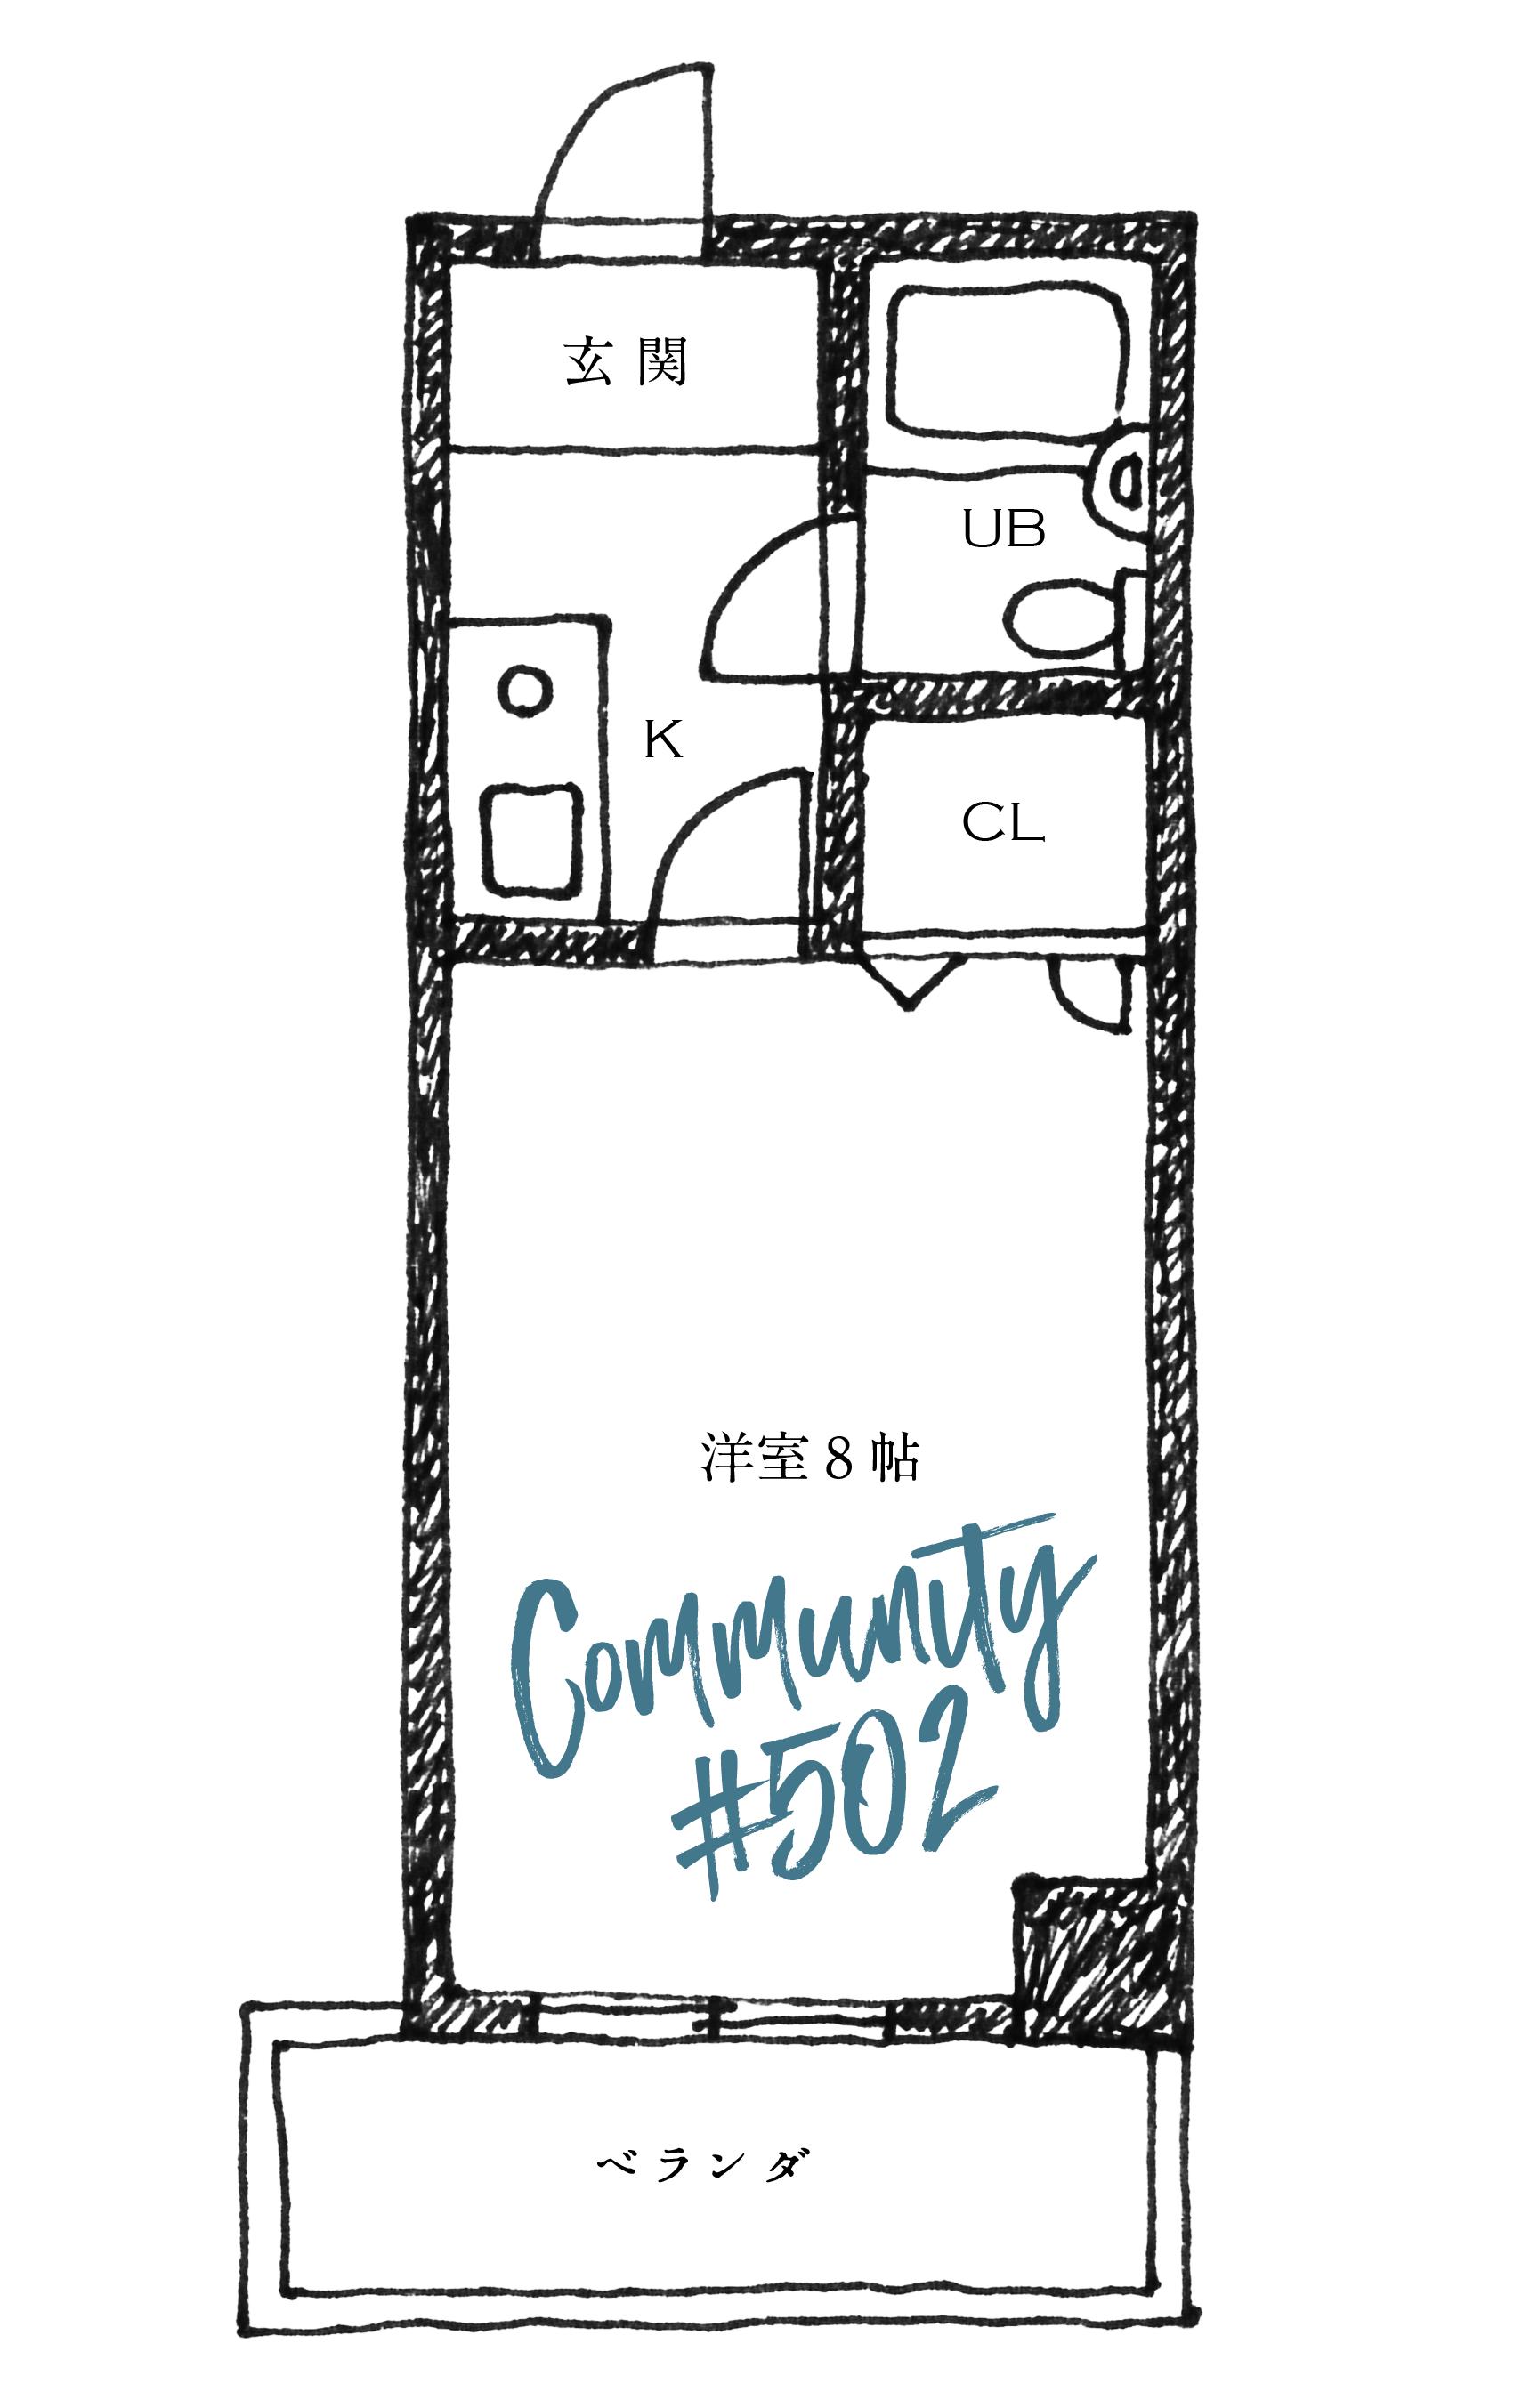 【成約済】続・シャビーシックな部屋 #502